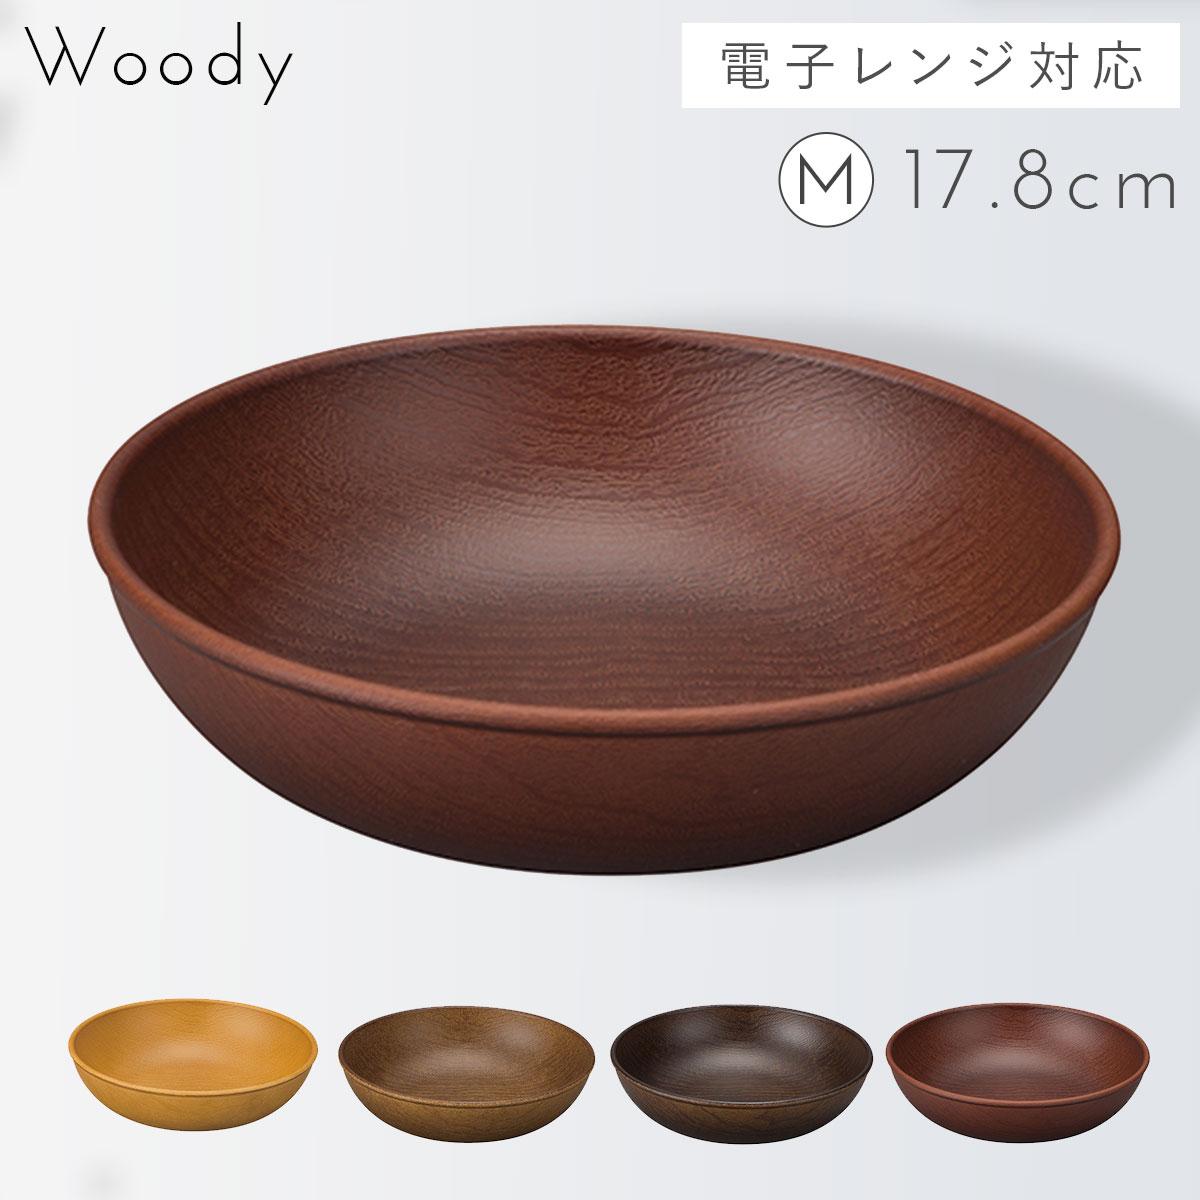 プレート 木目 皿 食器 日本製 割れない 割れにくい 食洗機対応 レンジ対応 丸い ナチュラル ブラウン 丸い woody ラウンドプレート S アウトドア グランピング キャンプ BBQ バーベキュー カフェ